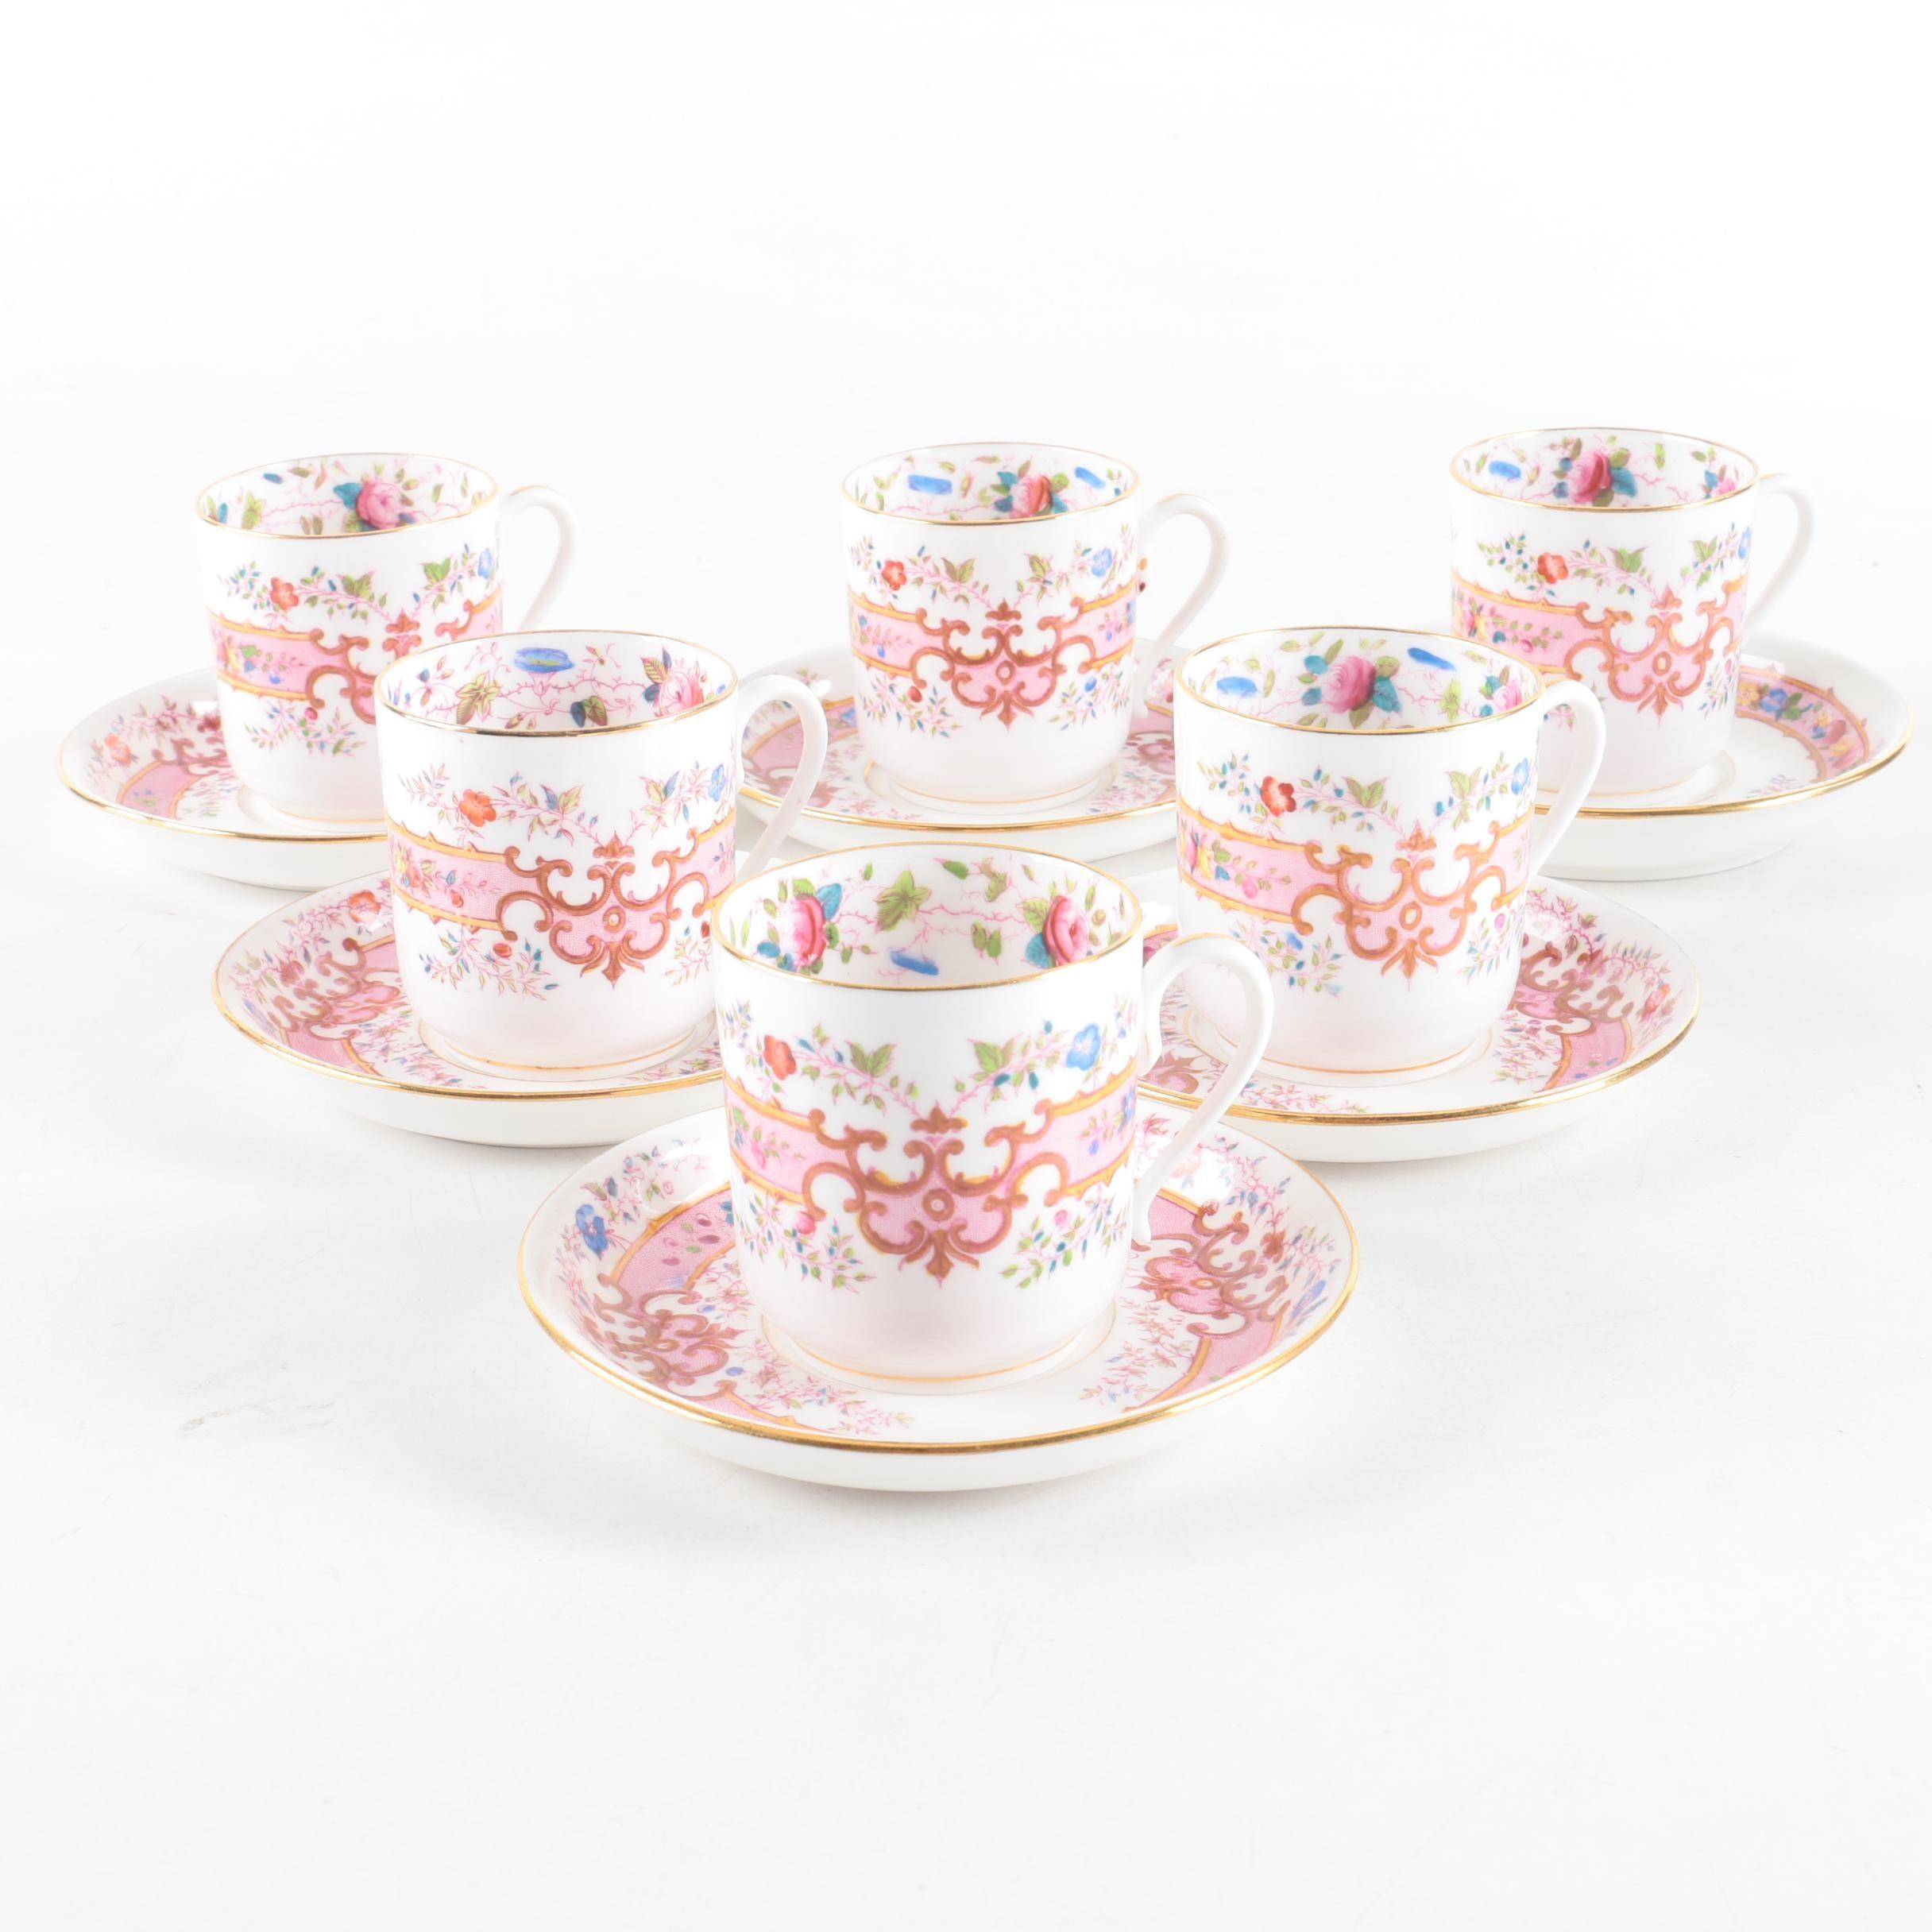 Vintage Floral Porcelain Teacups and Saucers